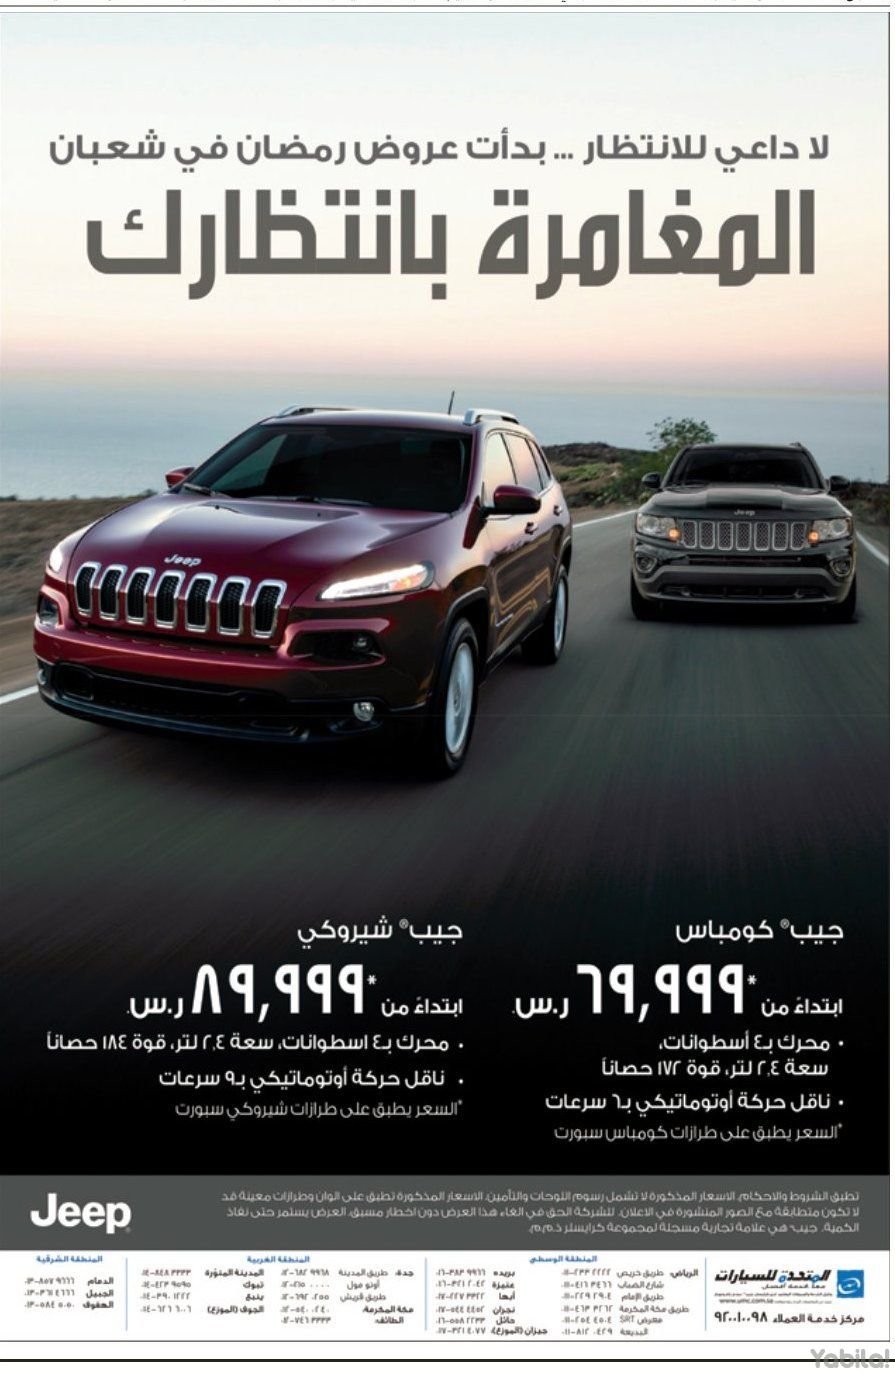 عروض السيارات في شهر رمضان المبارك 2014 هذا العام 1435هـ ...